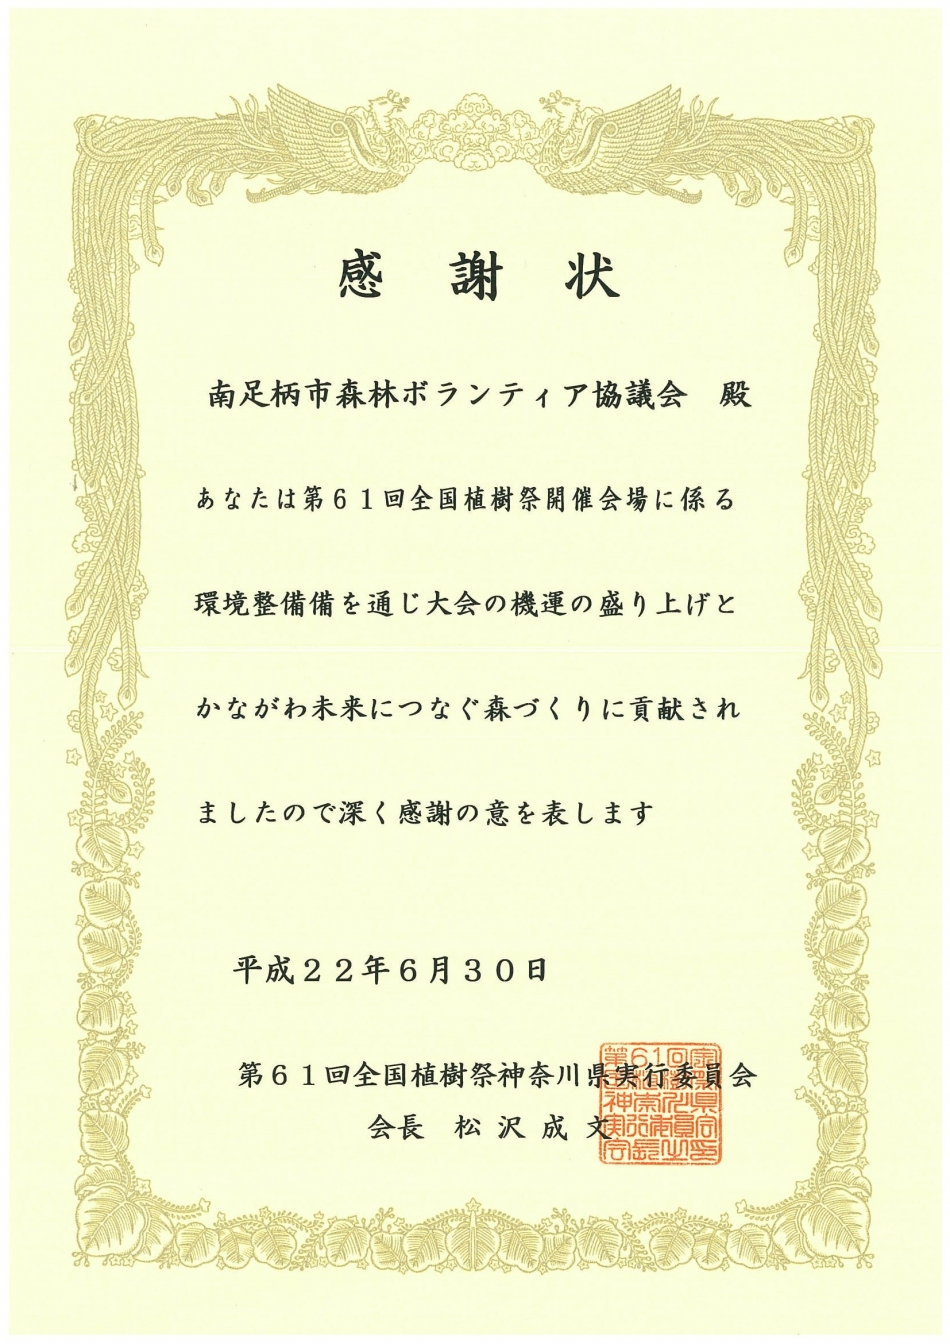 第61回全国植樹祭実行委員会から感謝状の贈呈